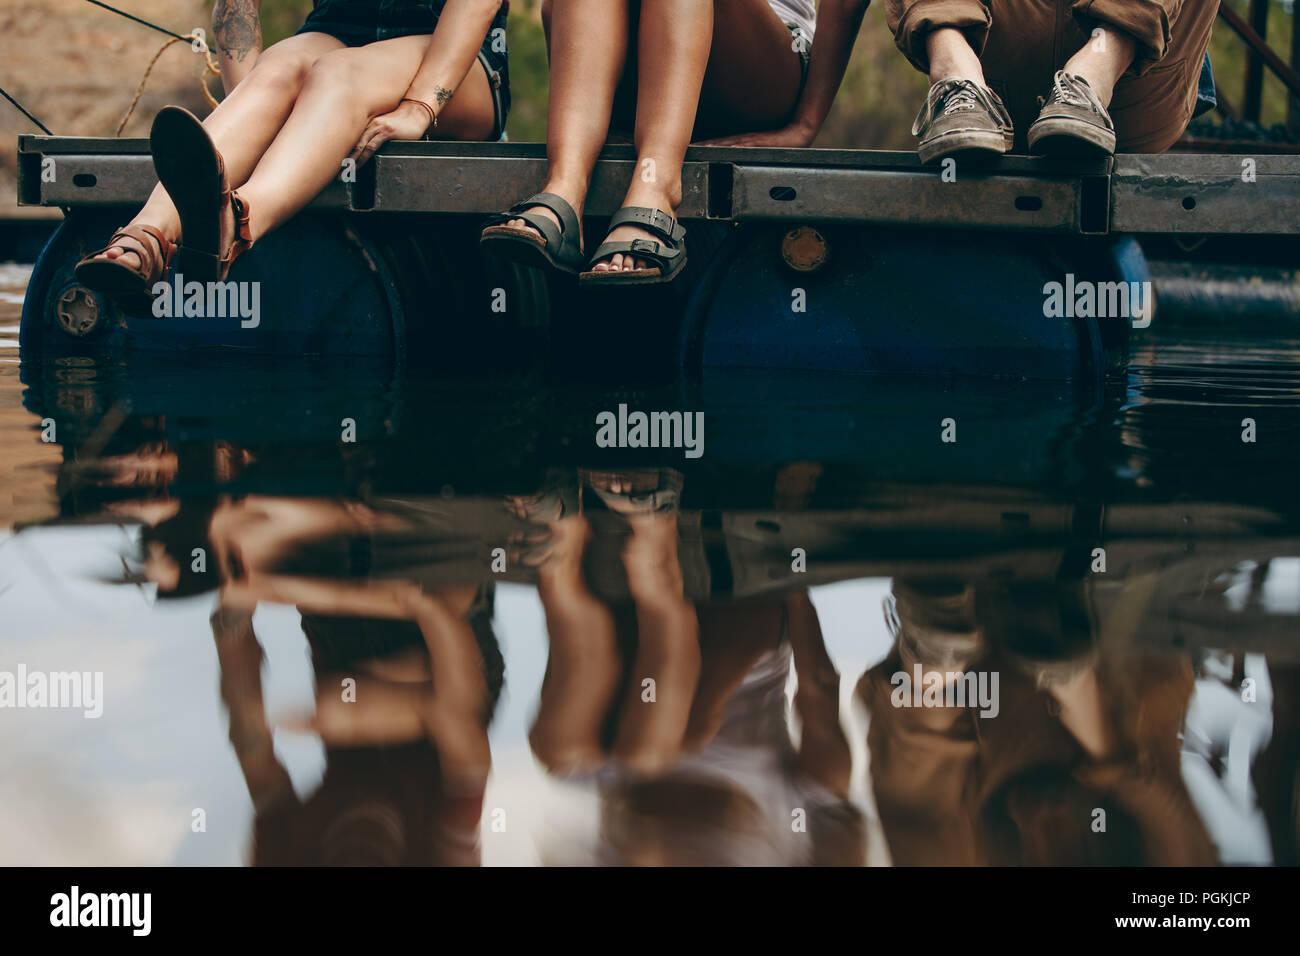 Amigos de vacaciones sentados juntos en un dique flotante de plástico de barriles. Amigos sentado cerca del lago con su reflejo en el agua. Imagen De Stock